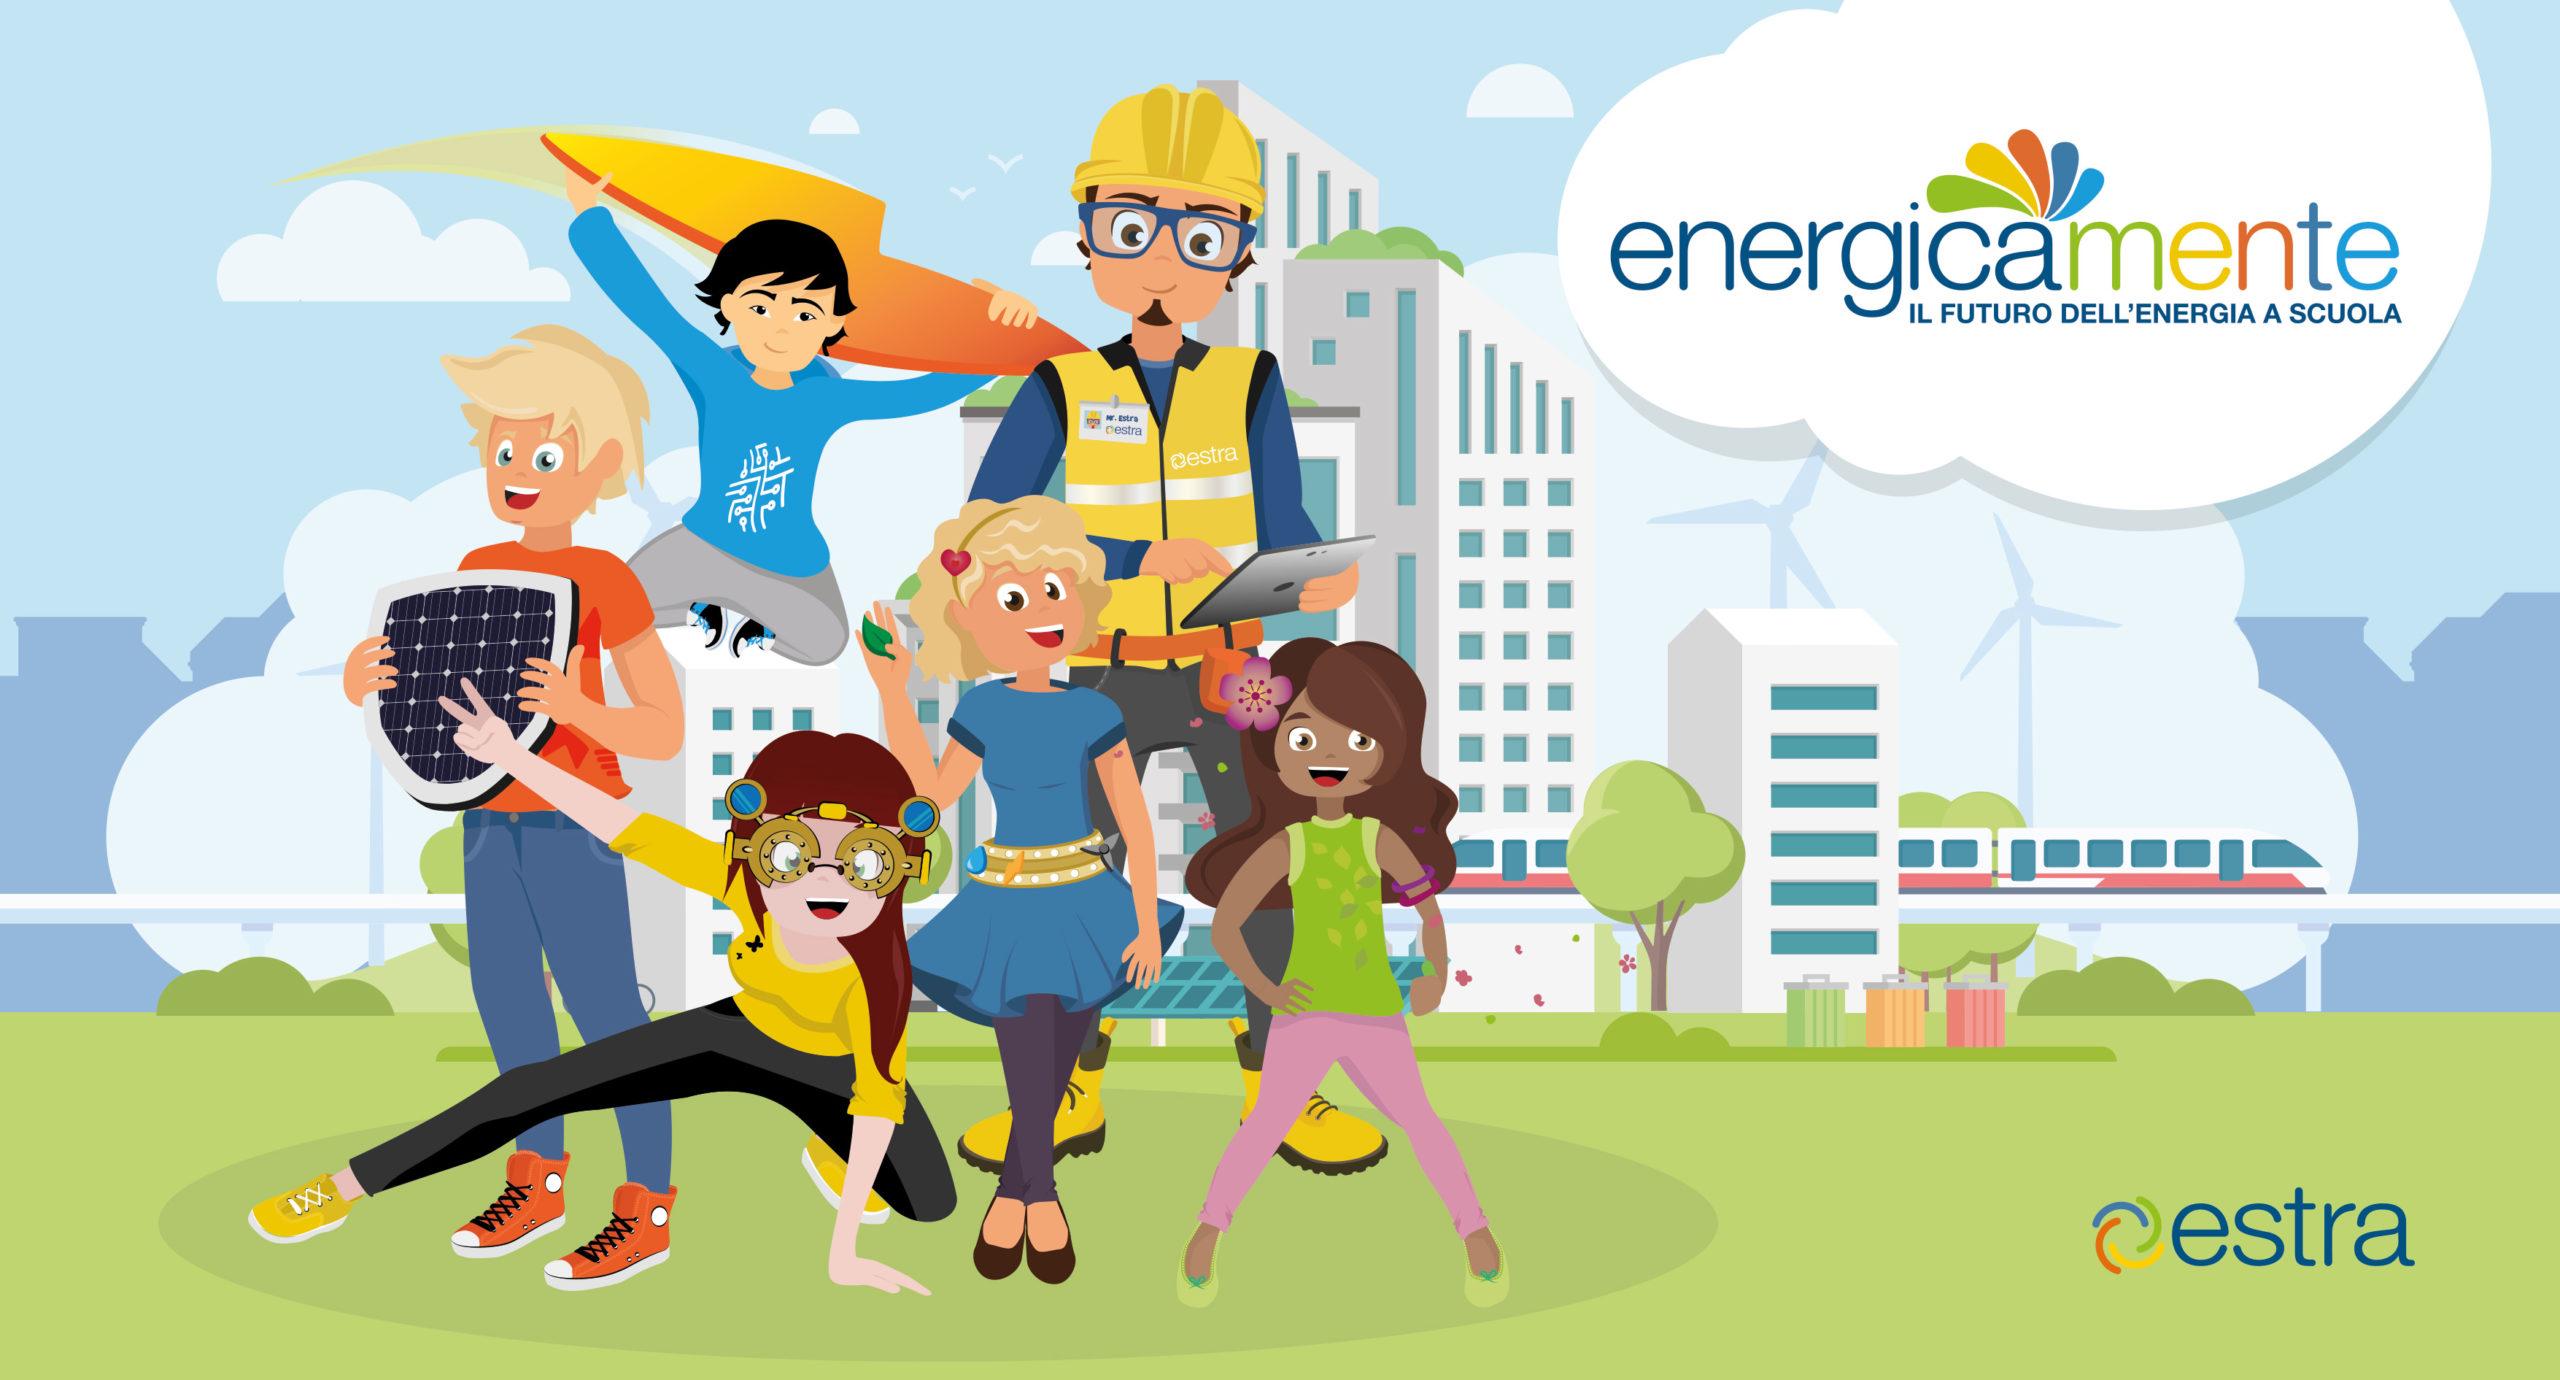 Energicamente_squadra